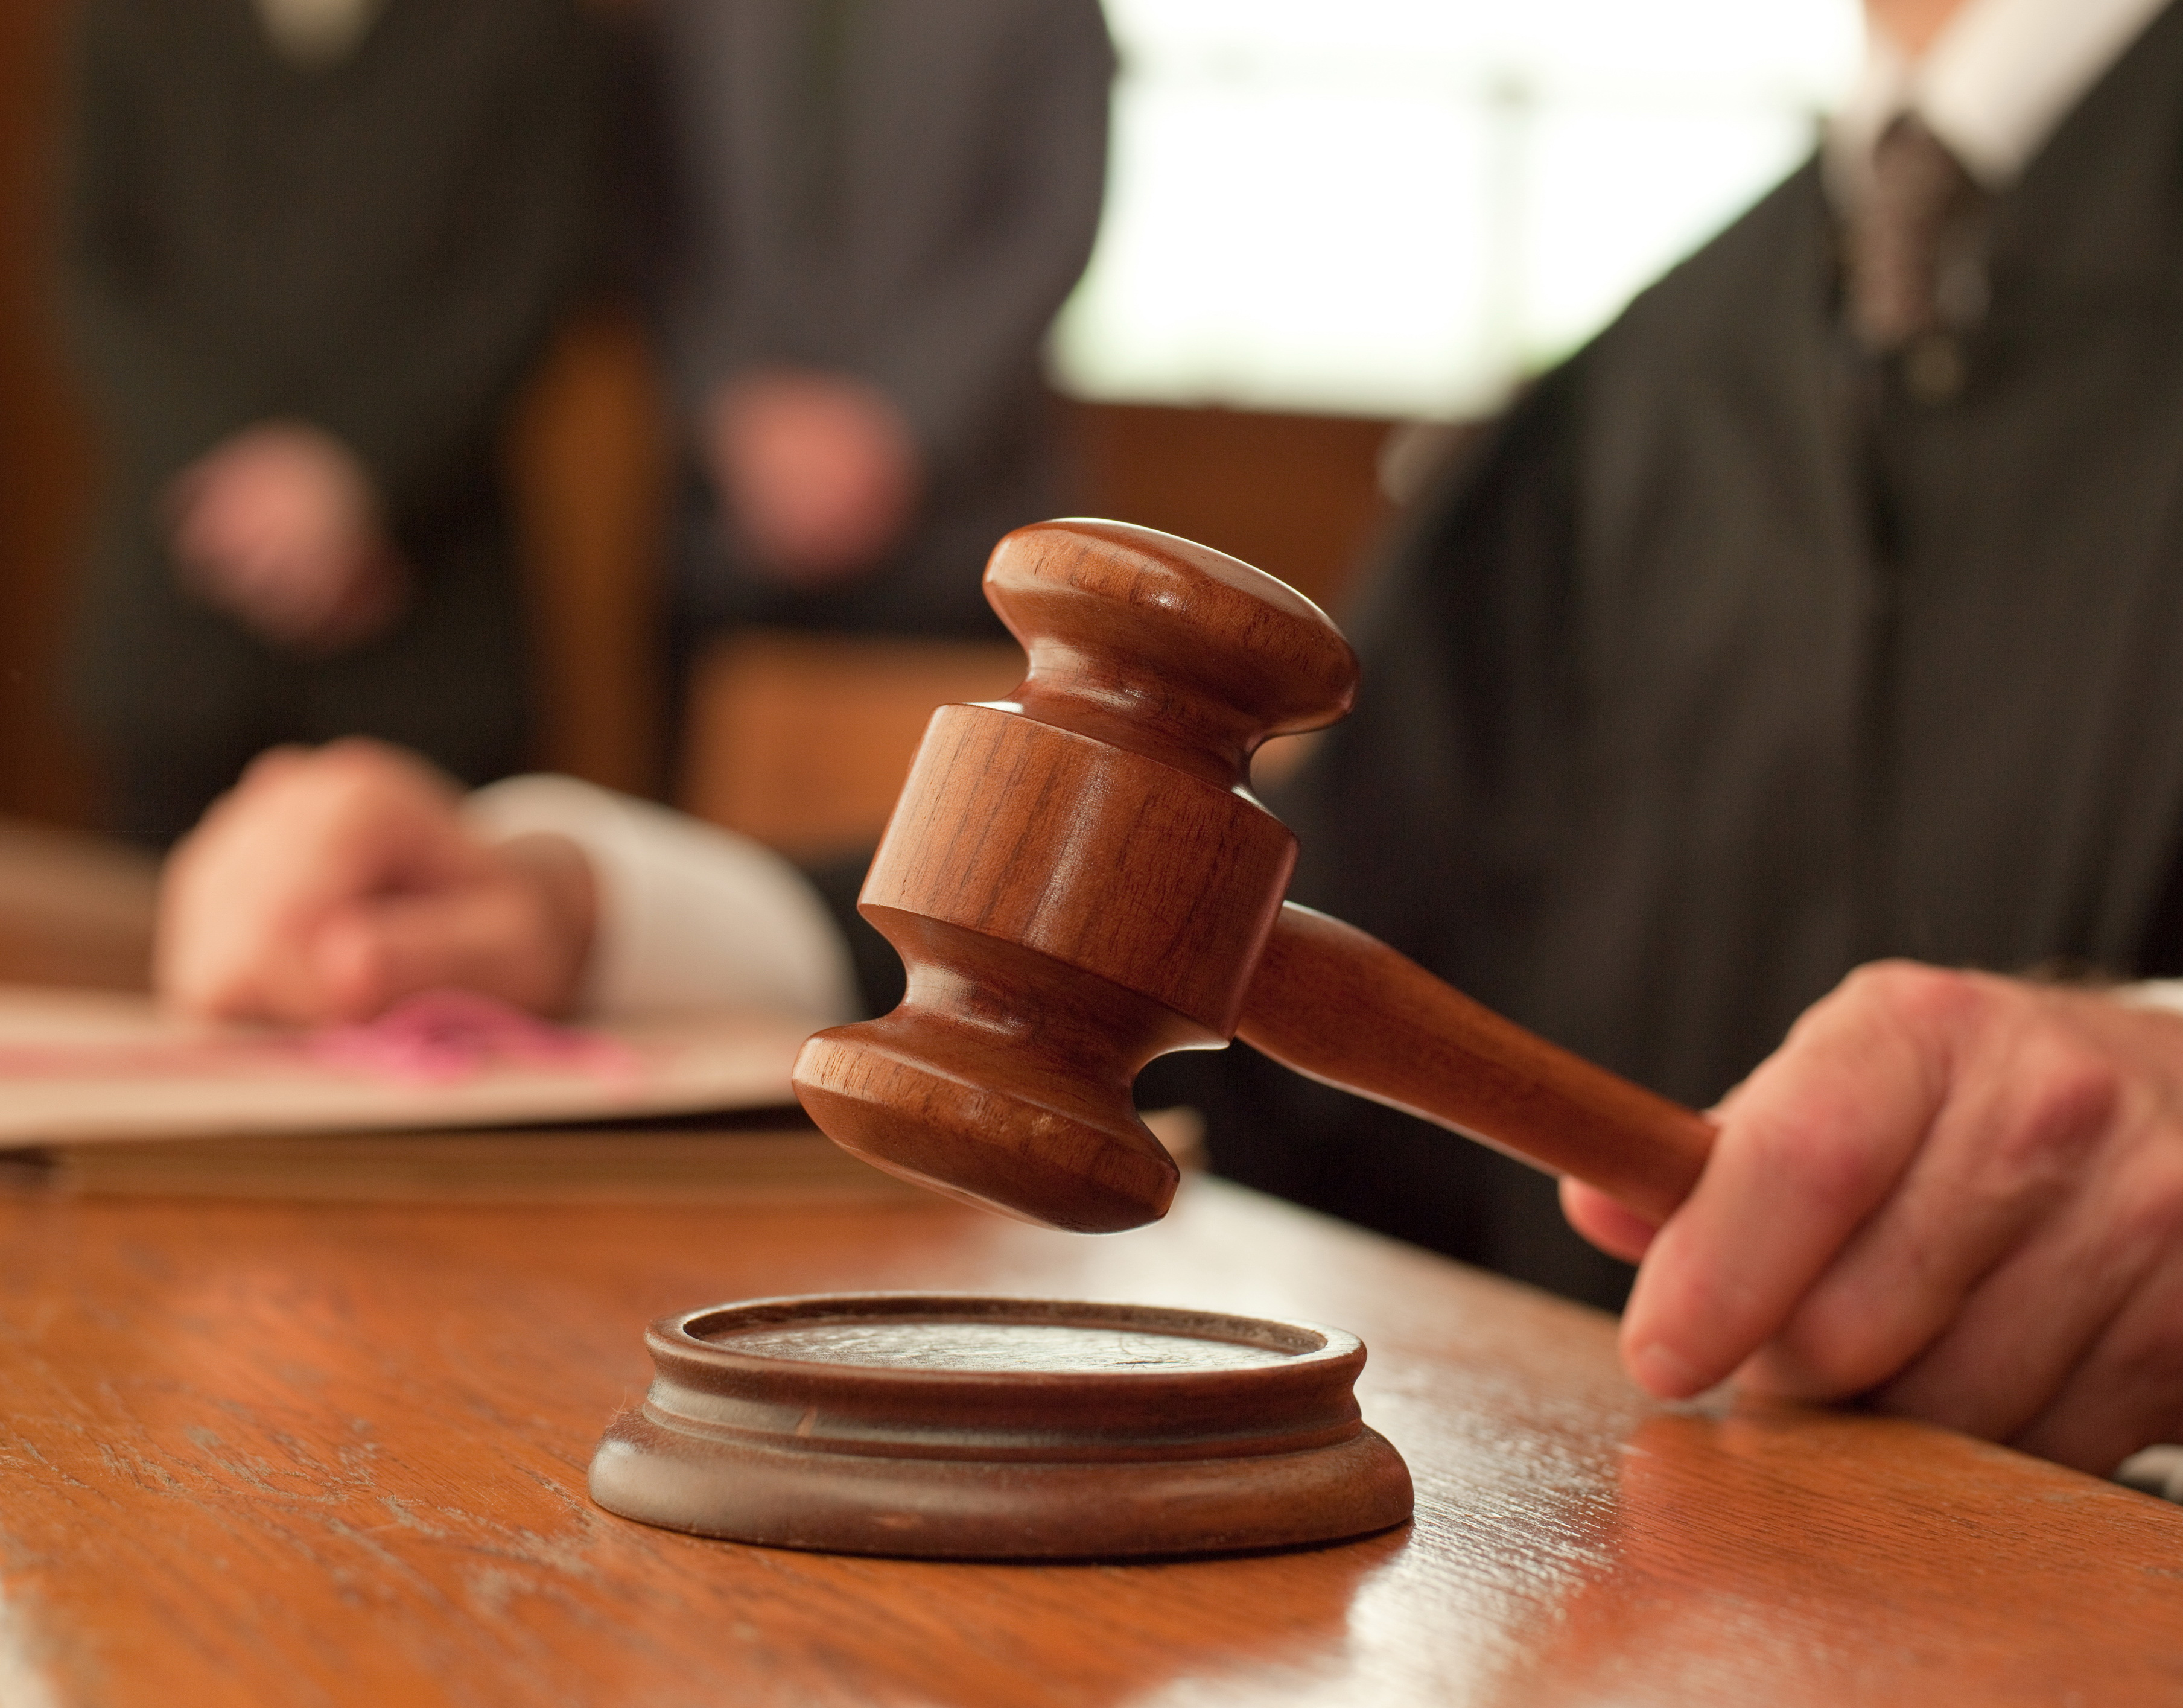 Fostul primar din Navodari, judecat pentru abuz in serviciu, a cerut in instanta suspendarea si anularea OUG 14